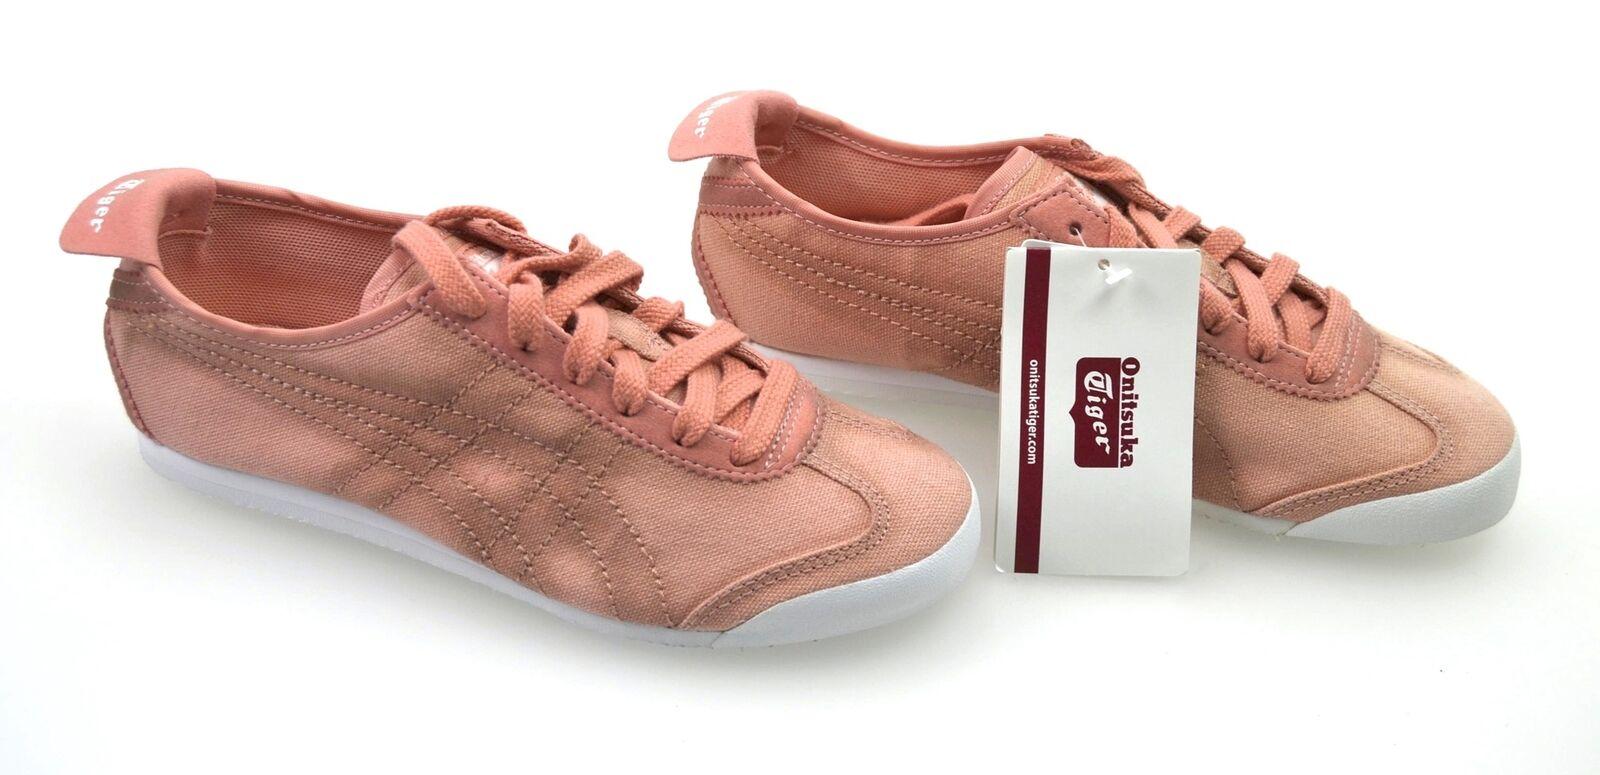 ONITSUKA TIGER DONNA SCARPA scarpe da da da ginnastica CASUAL TEMPO LIBERO ART. D476N MEXICO 66 62f103